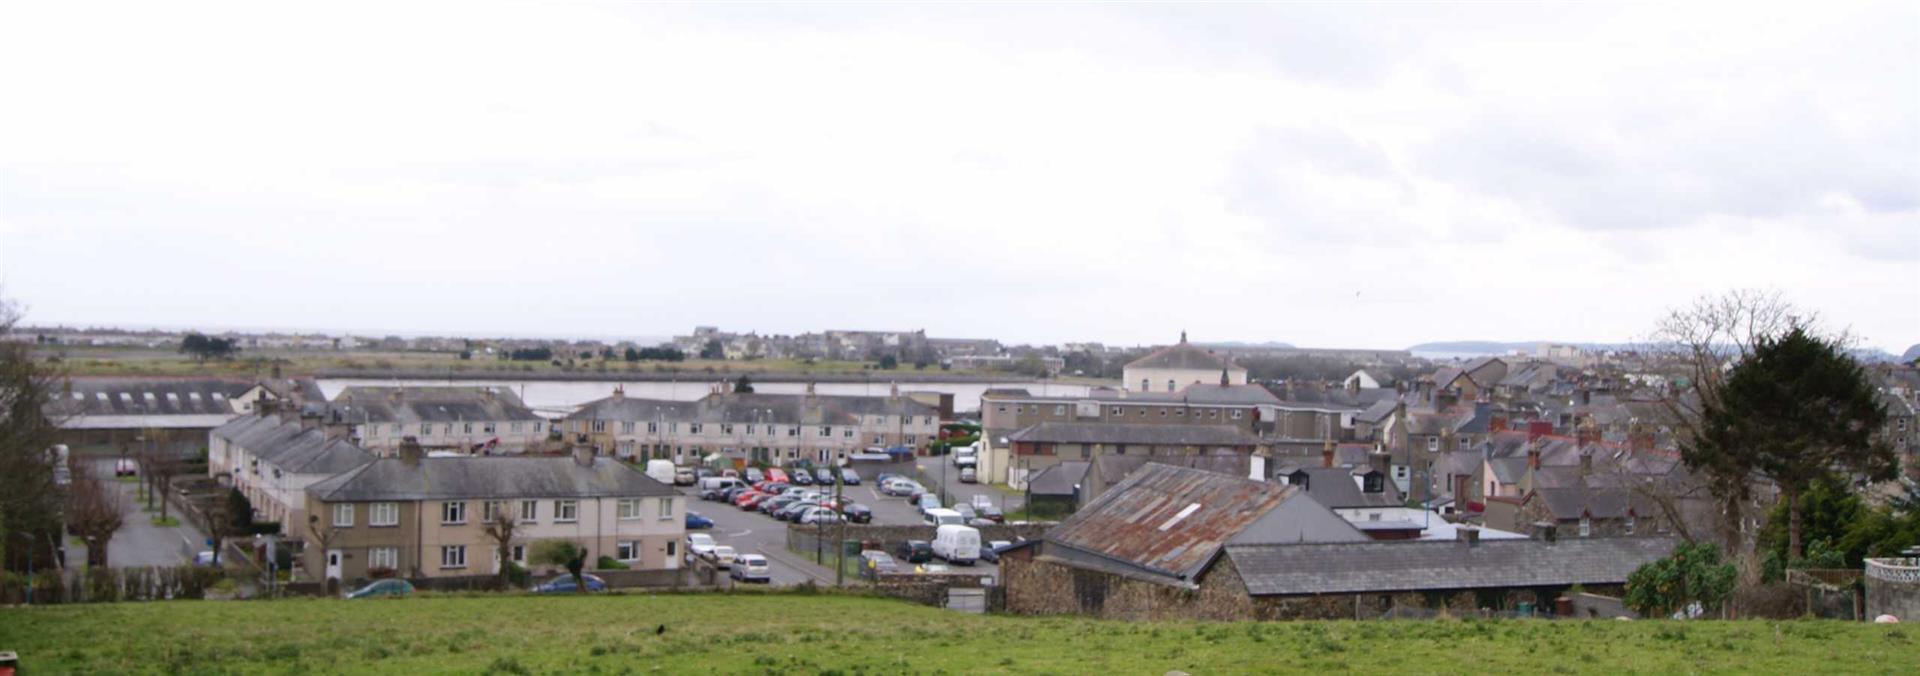 Ffordd Caernarfon, Pwllheli